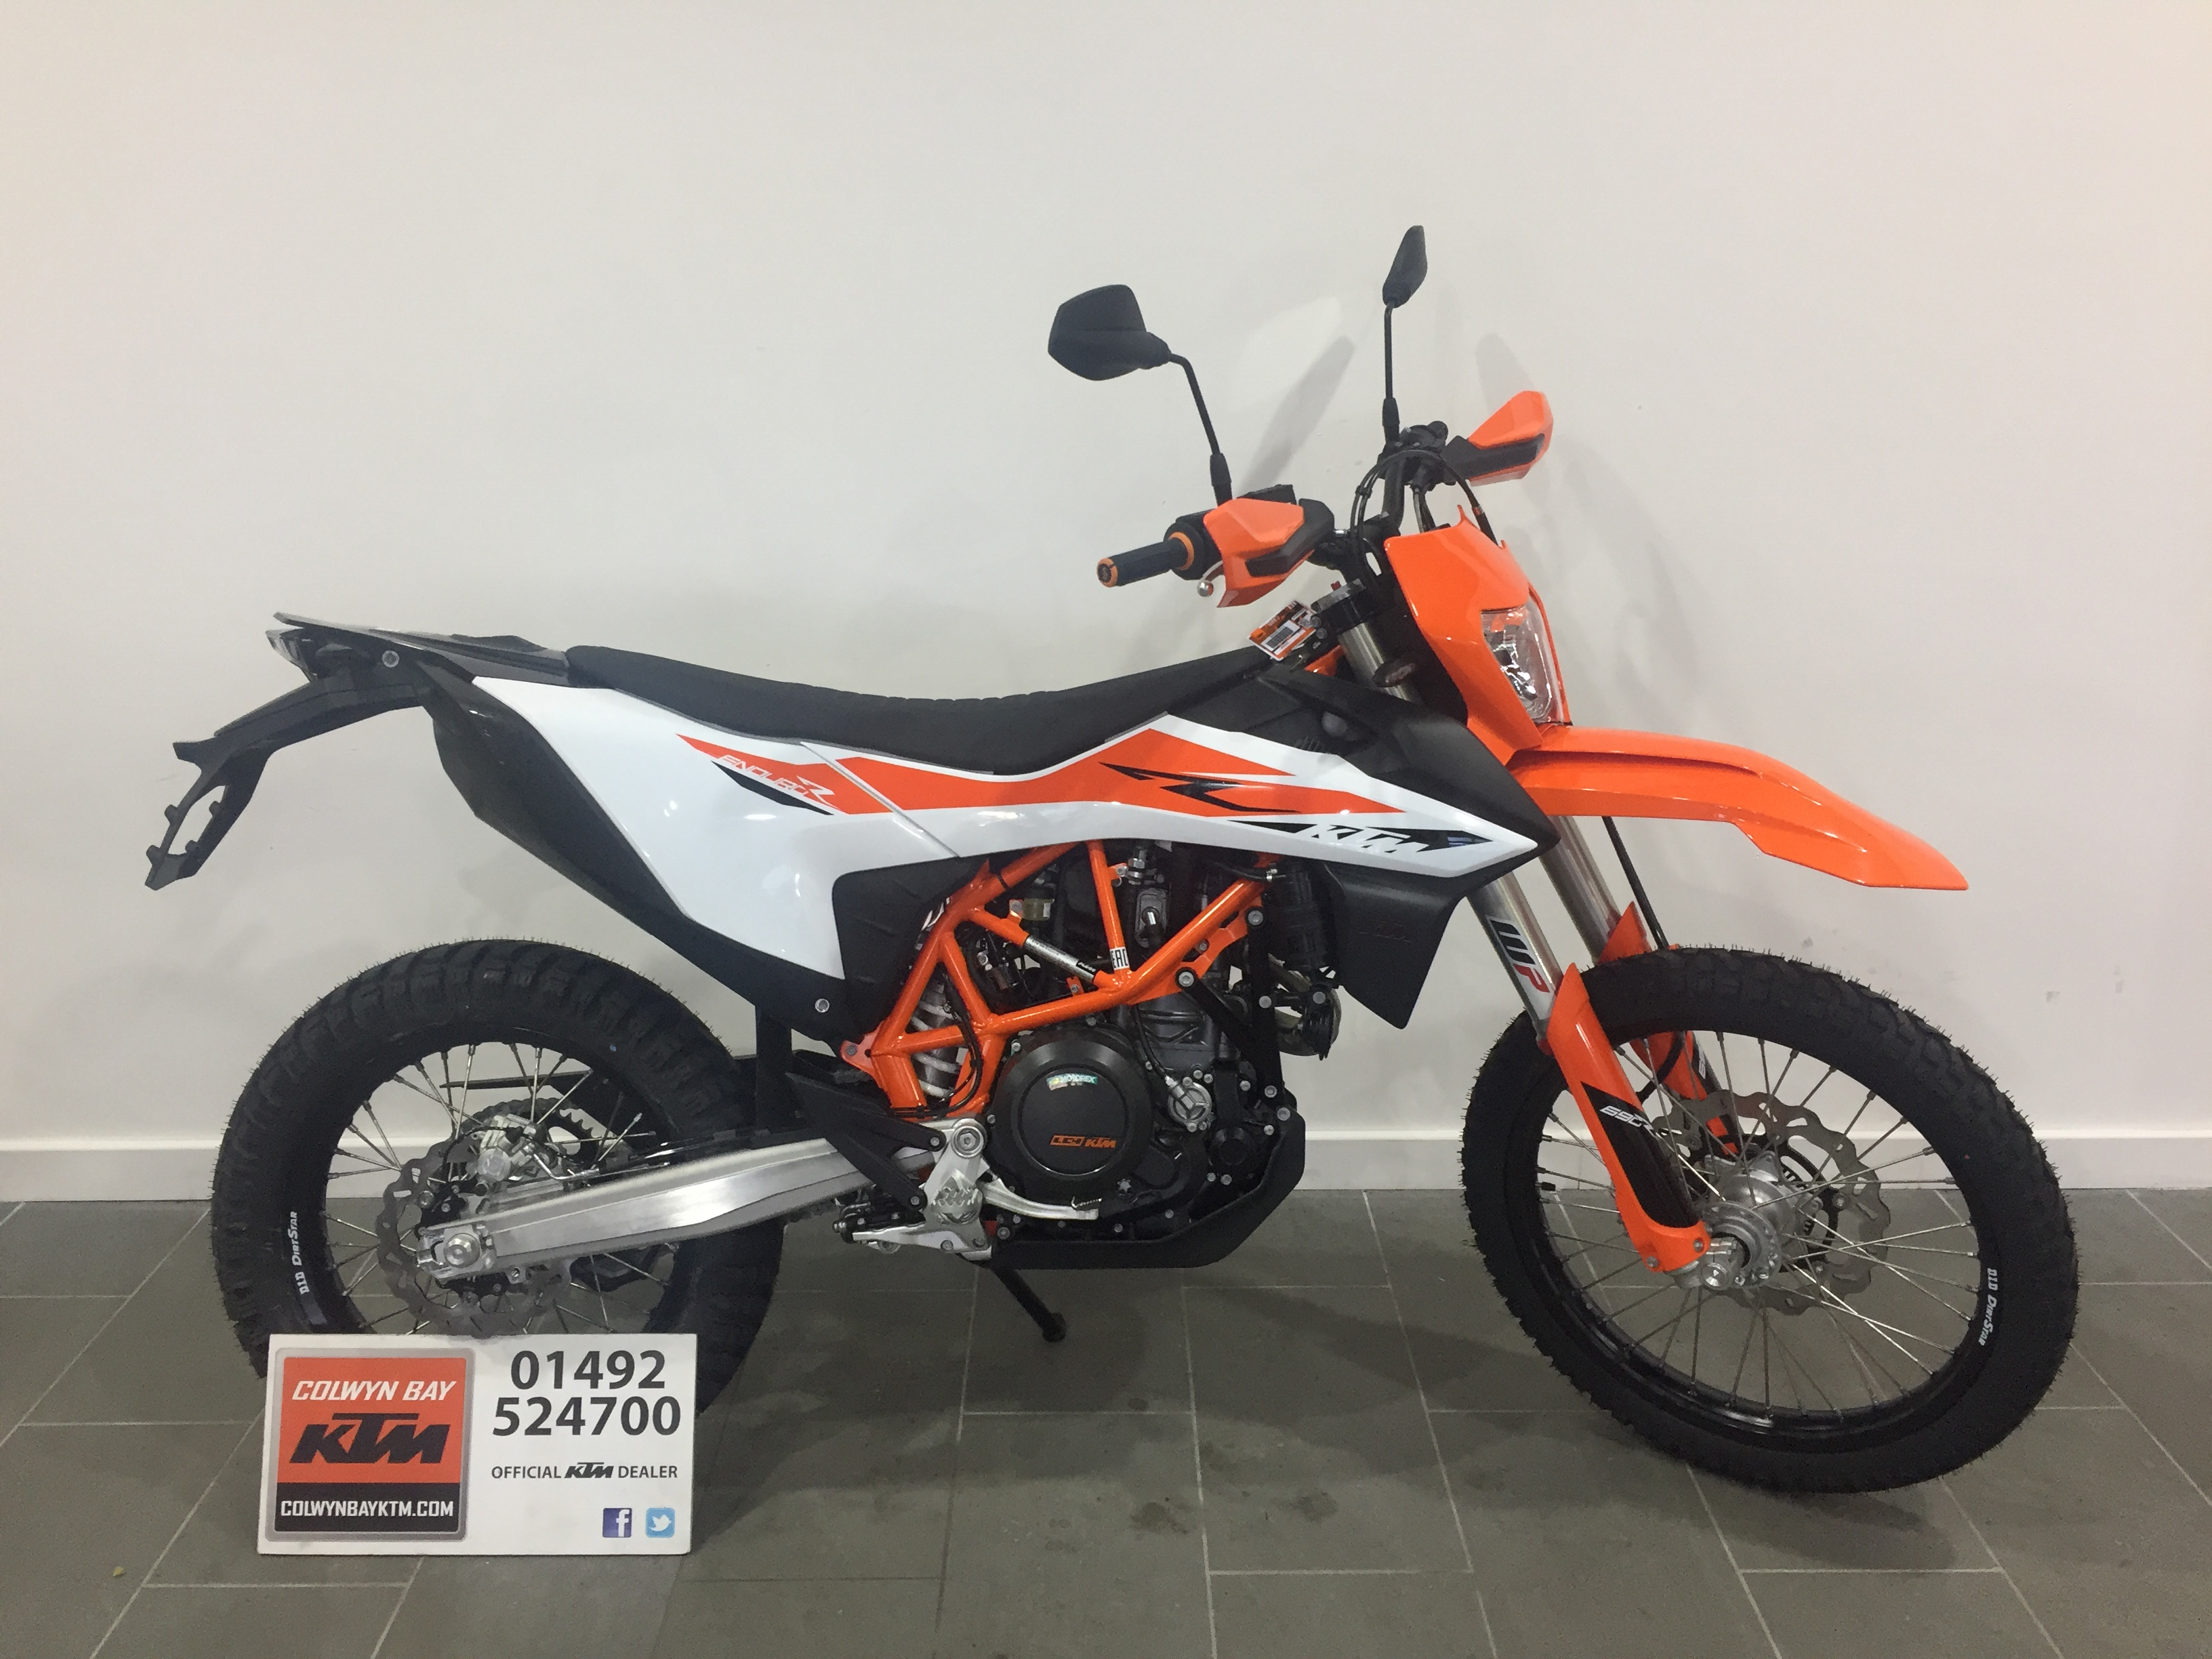 2019 690 Enduro R